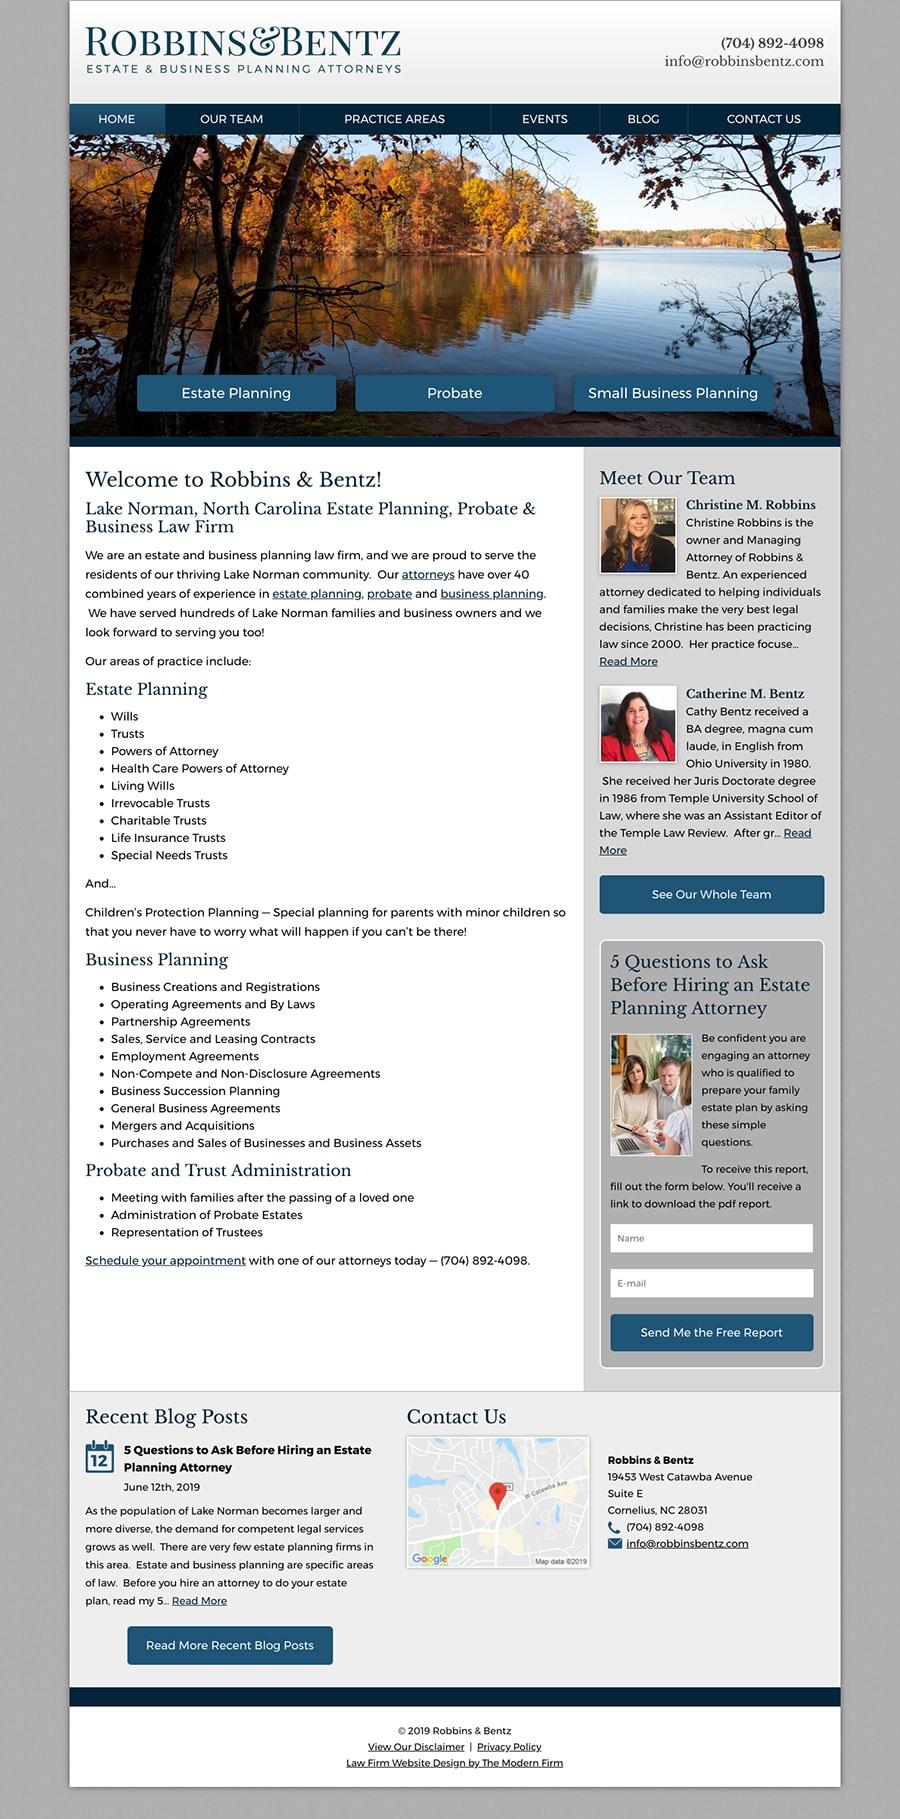 Law Firm Website Design for Robbins & Bentz